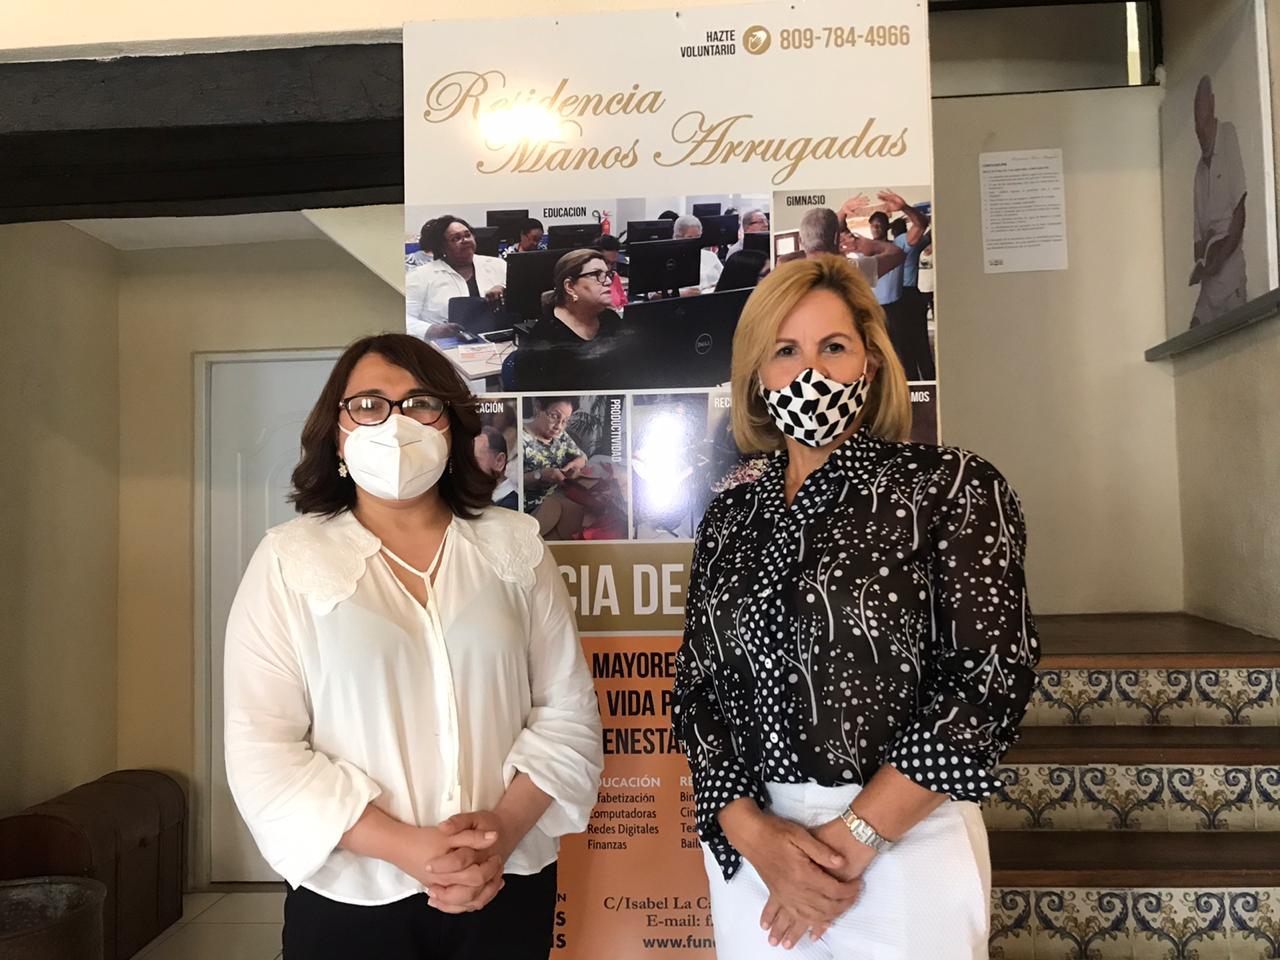 Emelyn Baldera afirma impulsará proyecto de Ley para adultos mayores de Fundación Manos Arrugadas